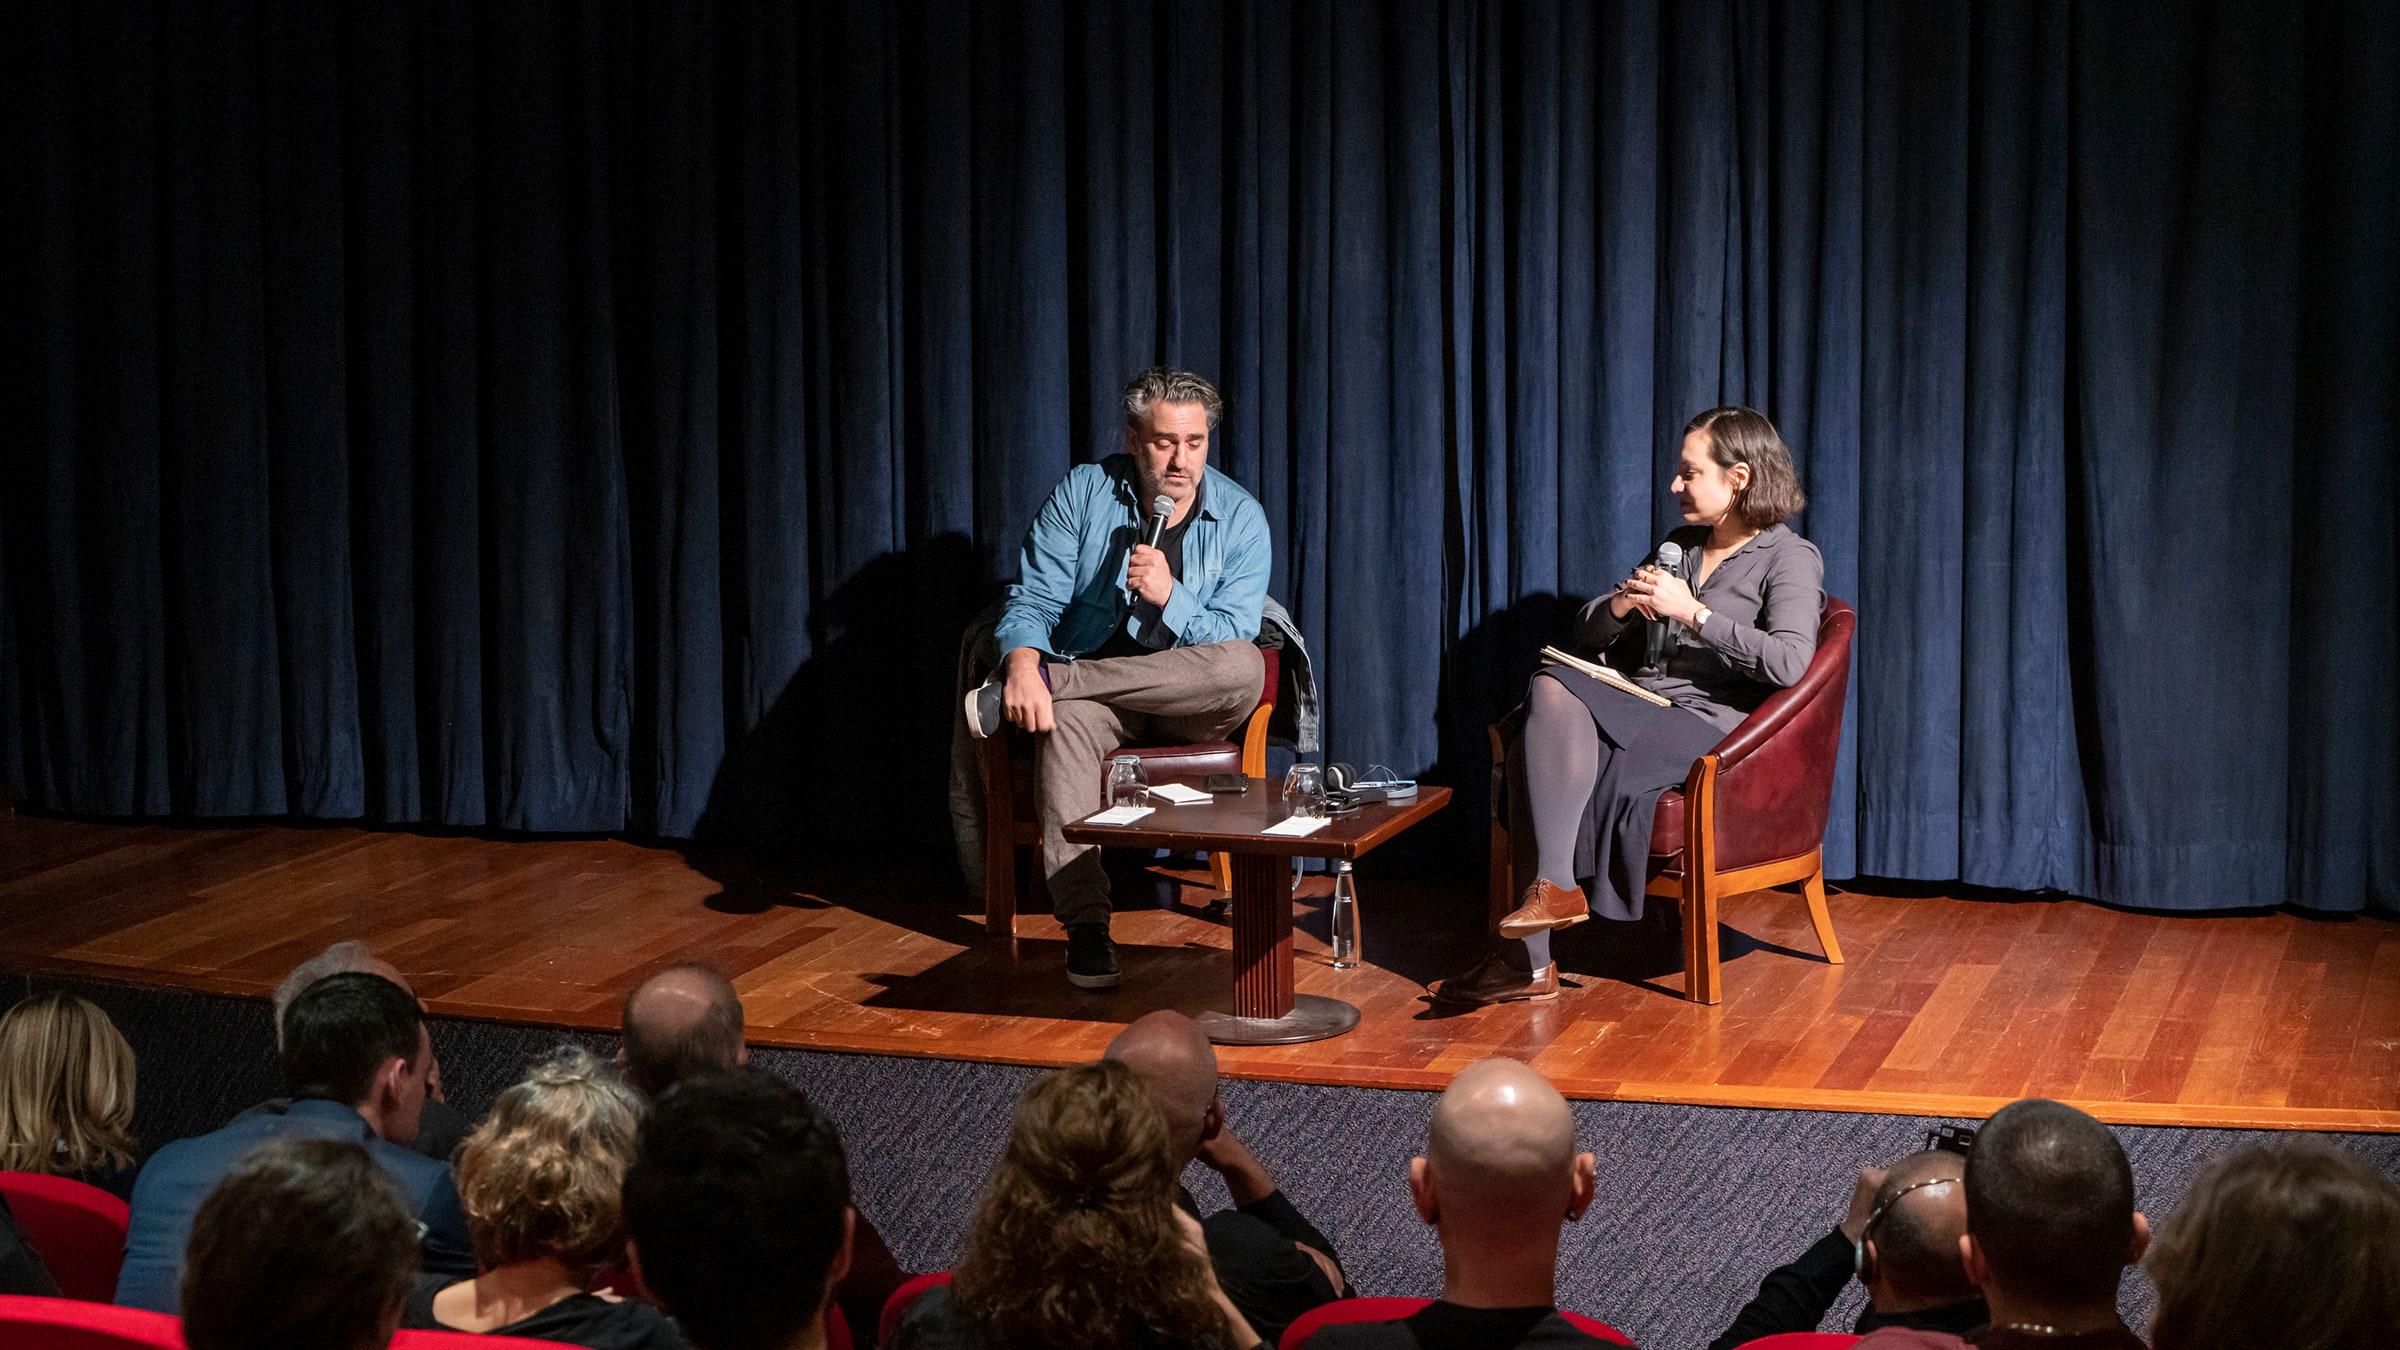 Yönetmen Tomer Heymann ile Söyleşi